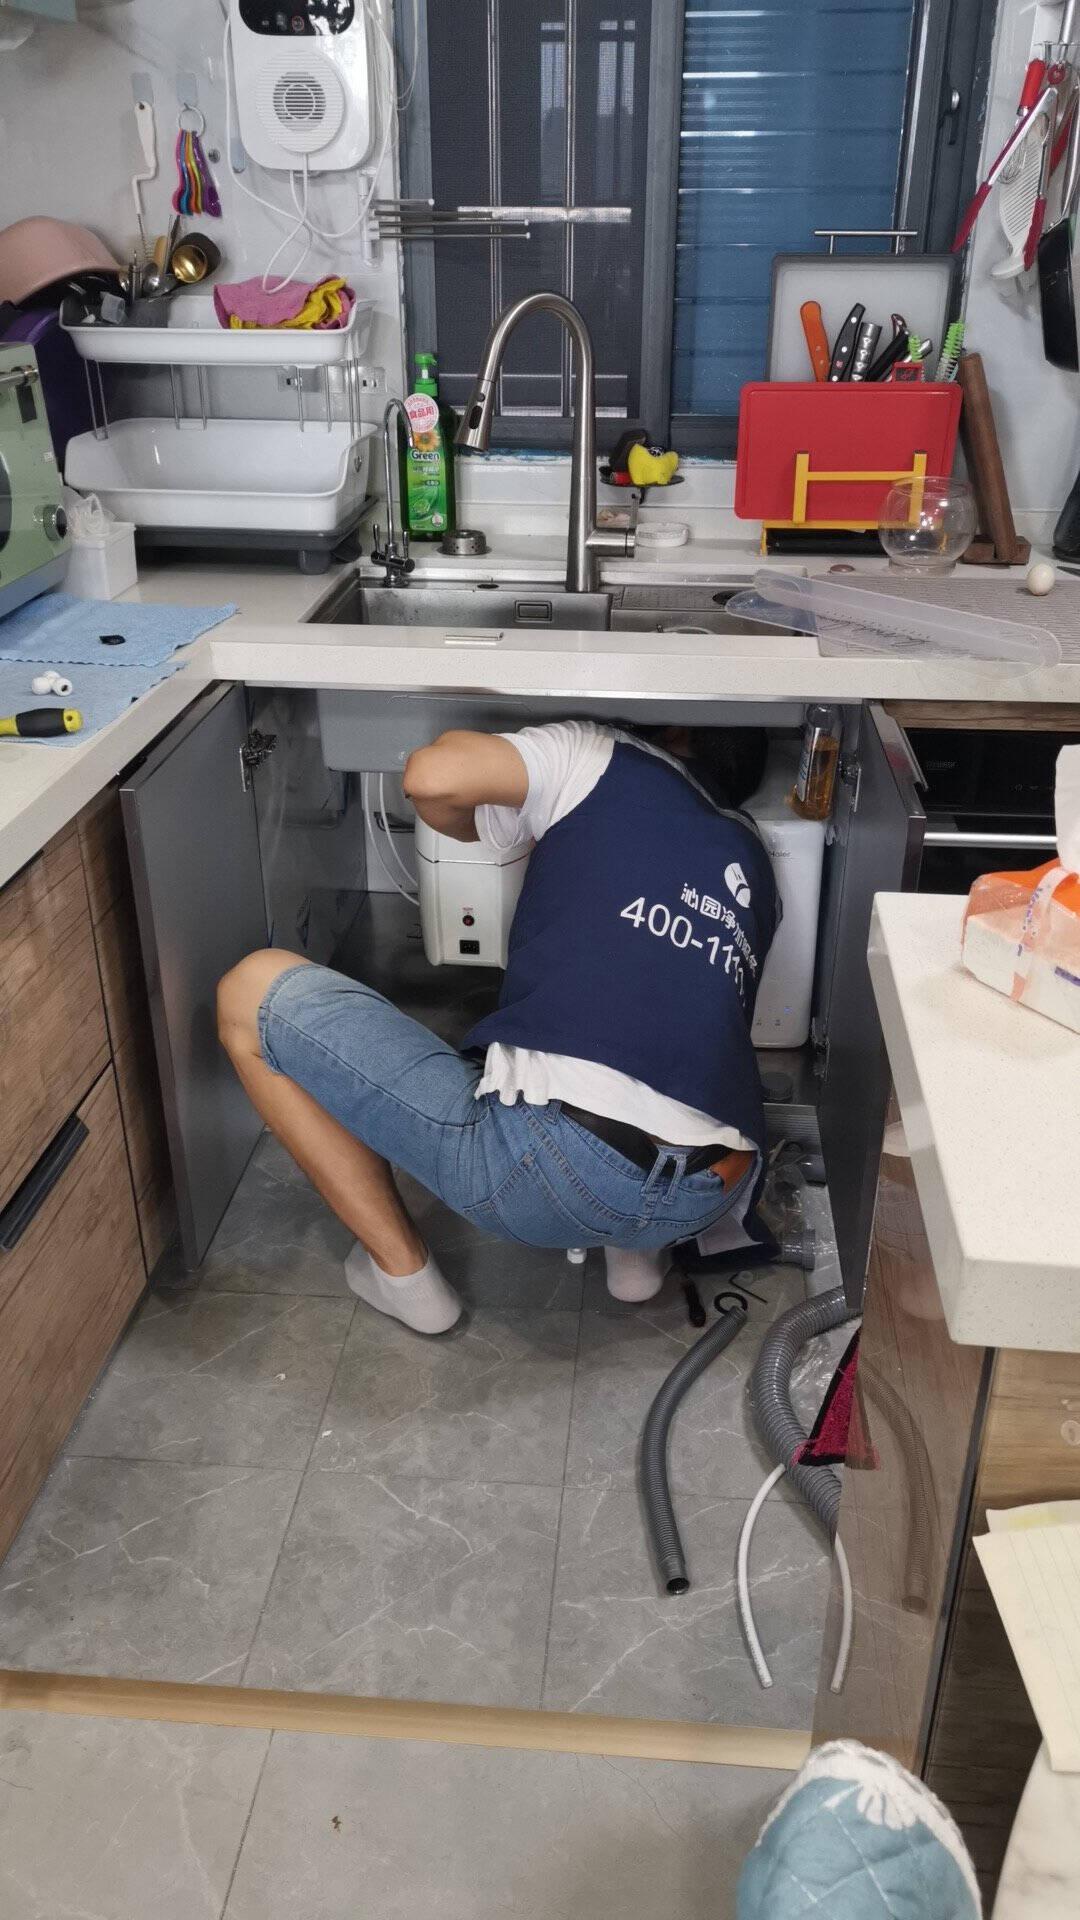 余库厨房垃圾处理器S6厨房食物垃圾粉碎机650w大功率自动进水家用食物垃圾粉碎机S6-白色